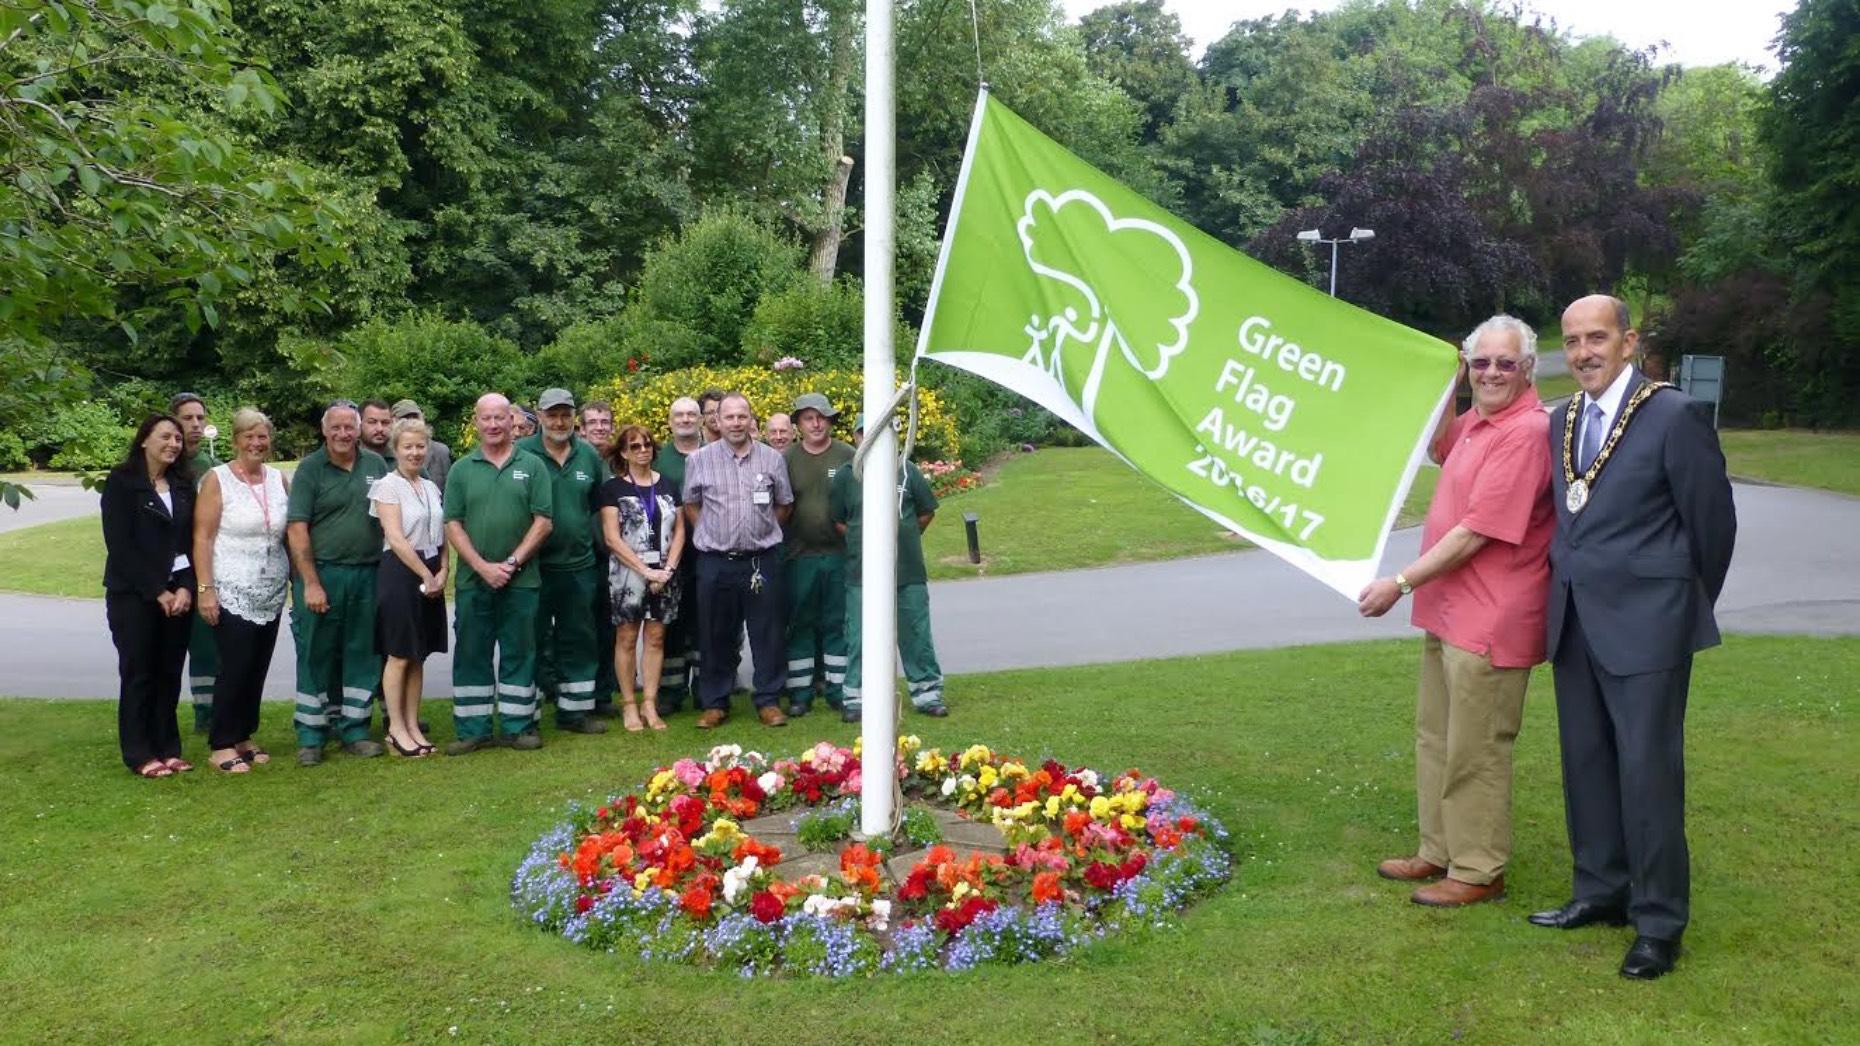 Councillor Trevor Foster, Mayor of North Lincolnshire, and staff from North Lincolnshire Council grounds maintenance teams.